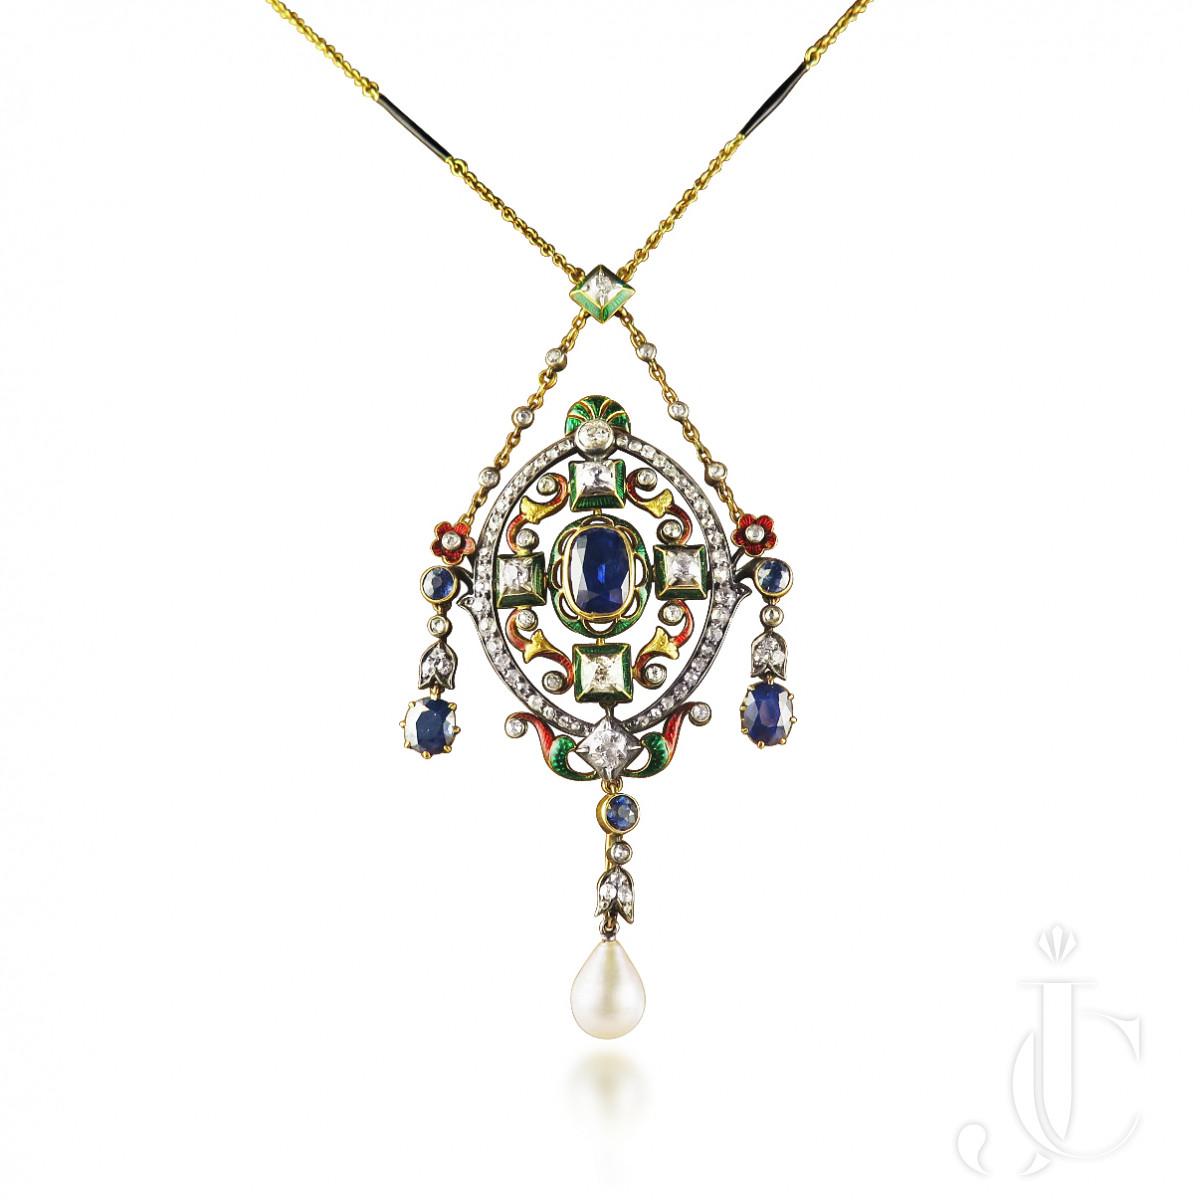 Antique Gem-Set Holbeinesque  / Renaissance Revival Necklace